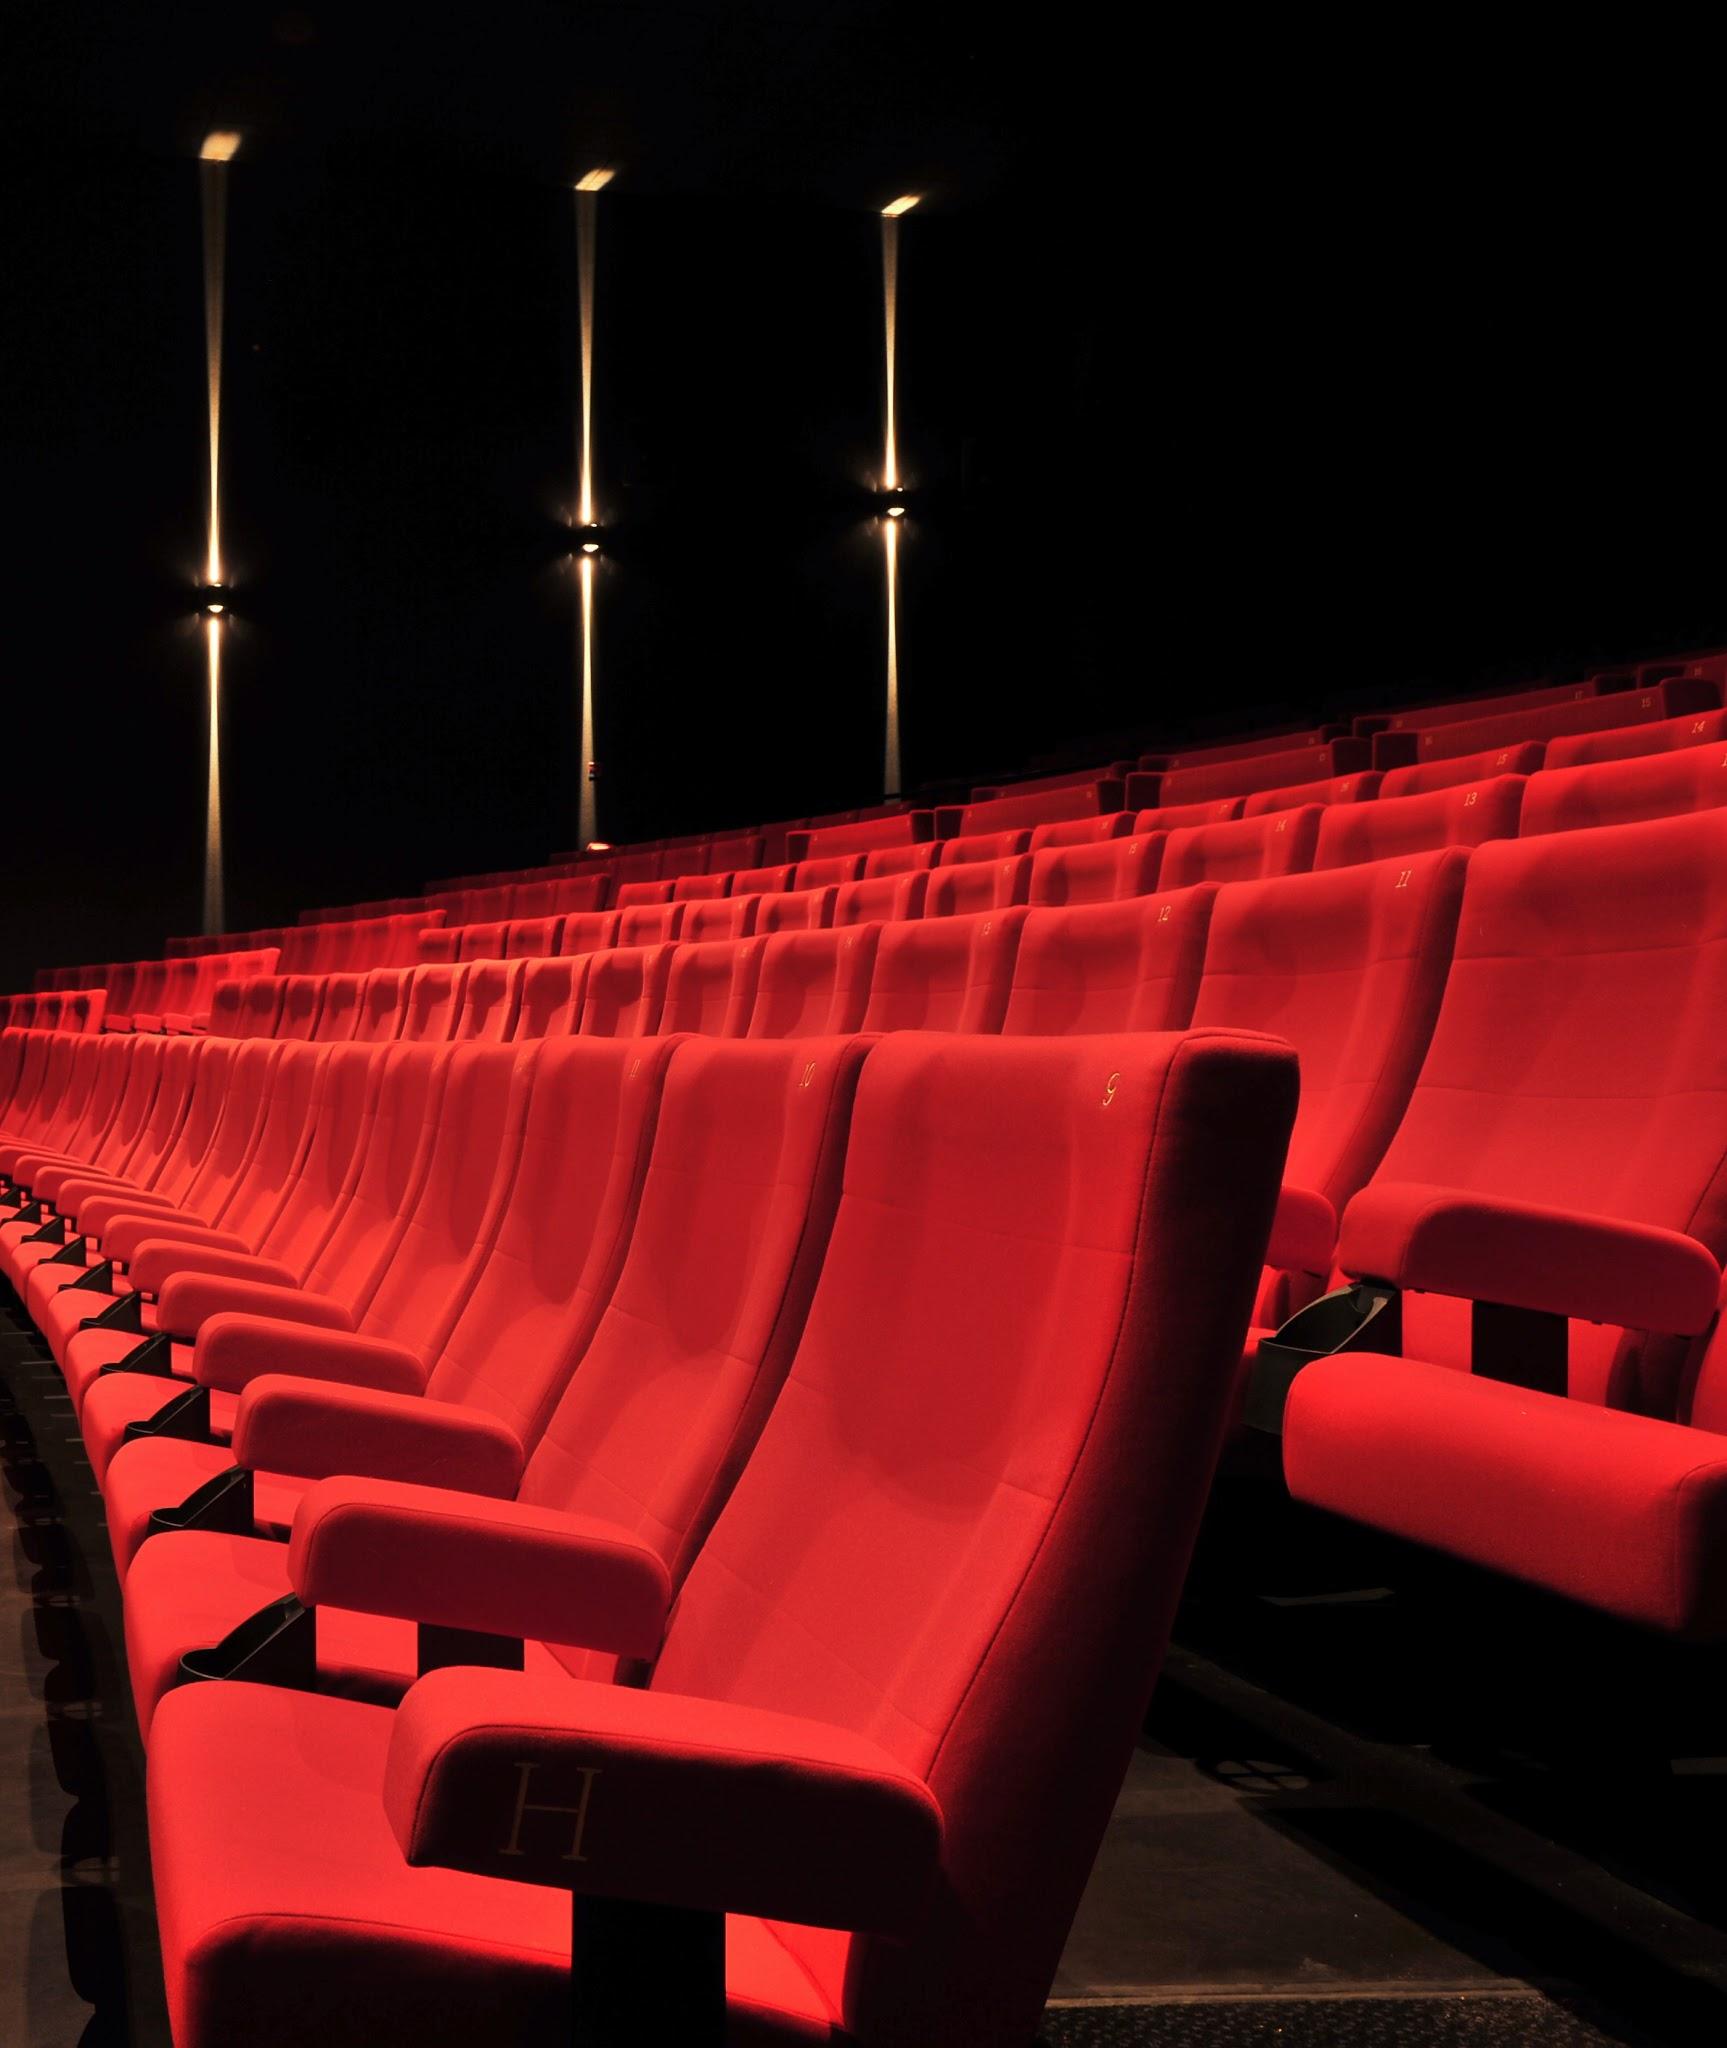 Cinéma Gaumont Opéra (côté Français) - Cinéma - Paris